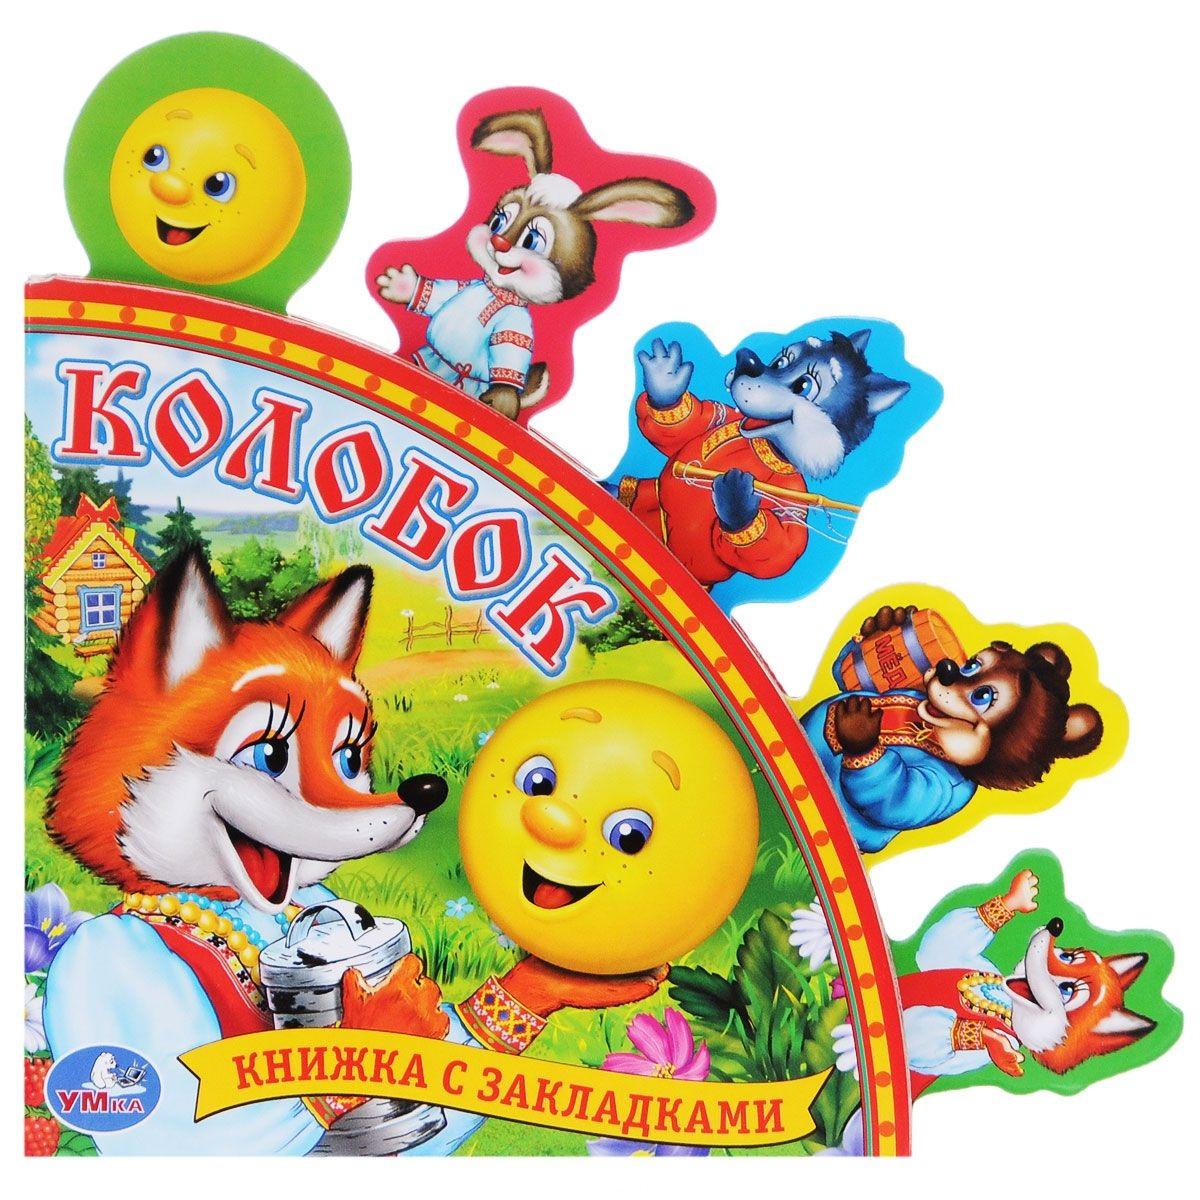 Книга с закладками - Русские народные сказки - КолобокПервые Сказки<br>Книга с закладками - Русские народные сказки - Колобок<br>